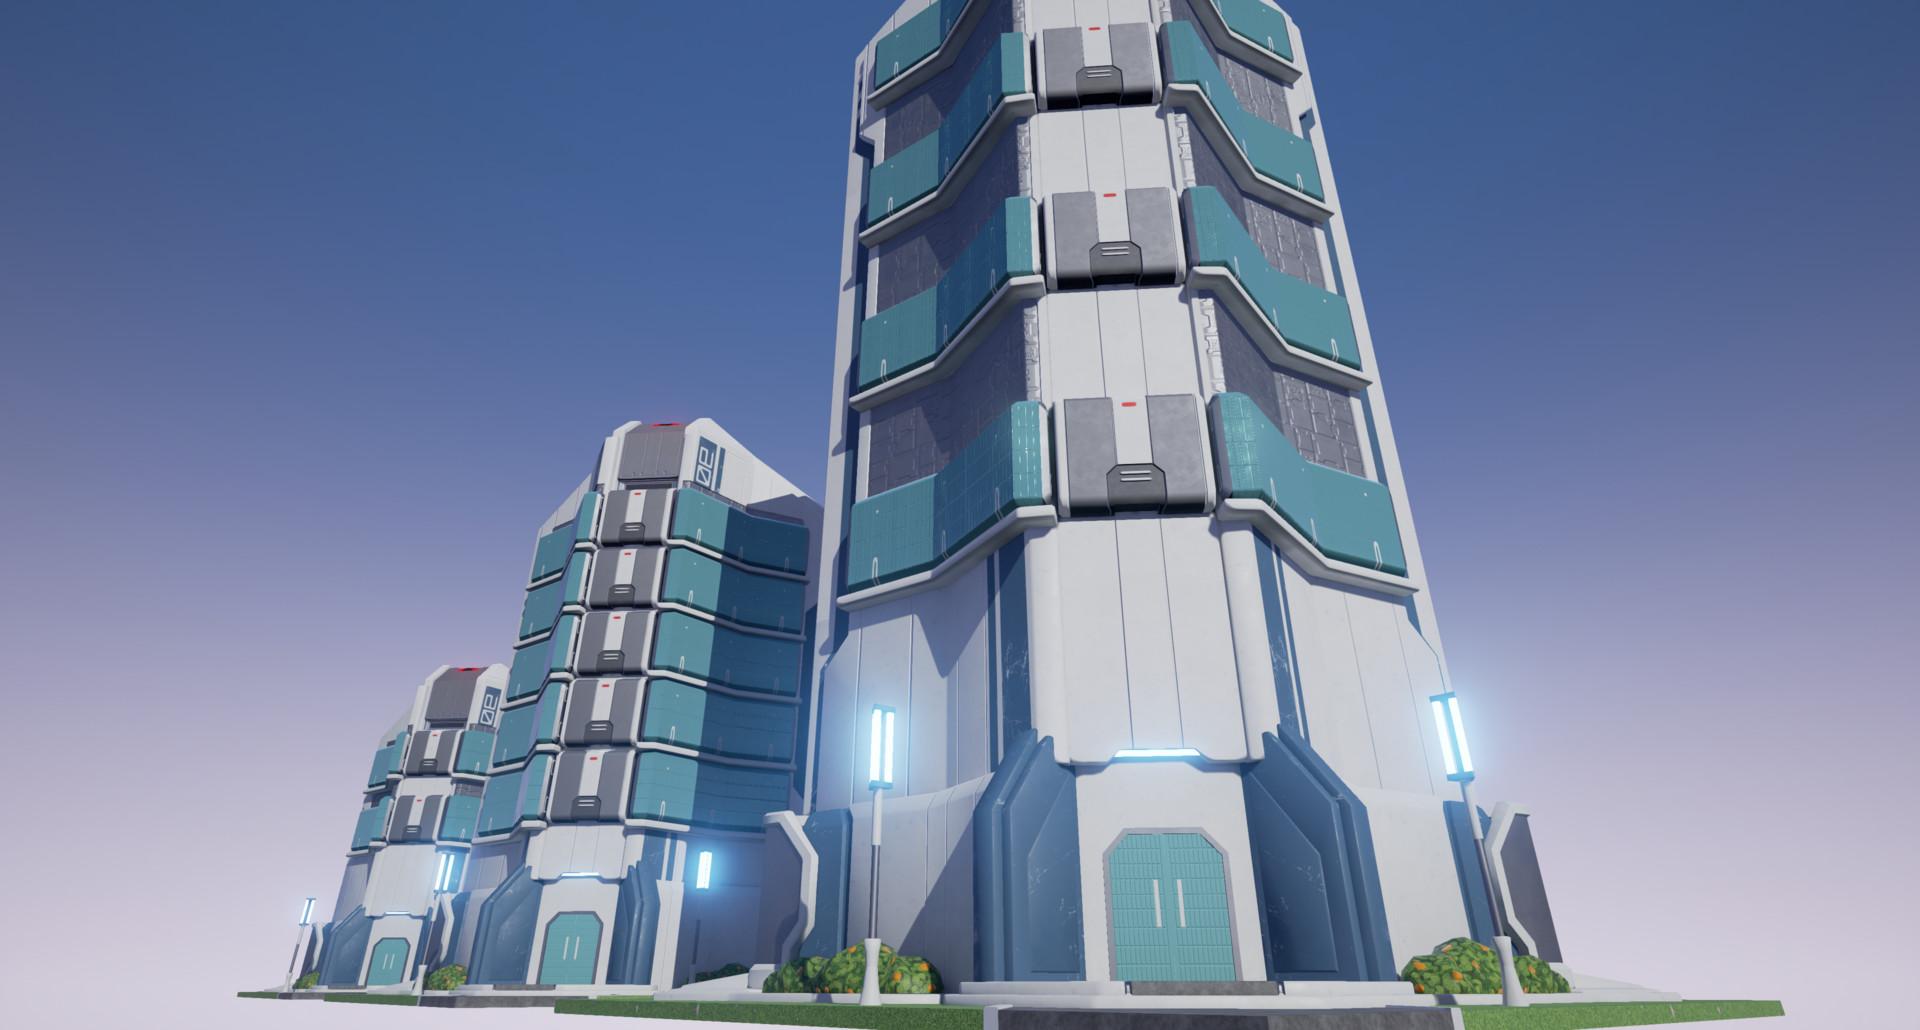 Sebastian vomvas building 4